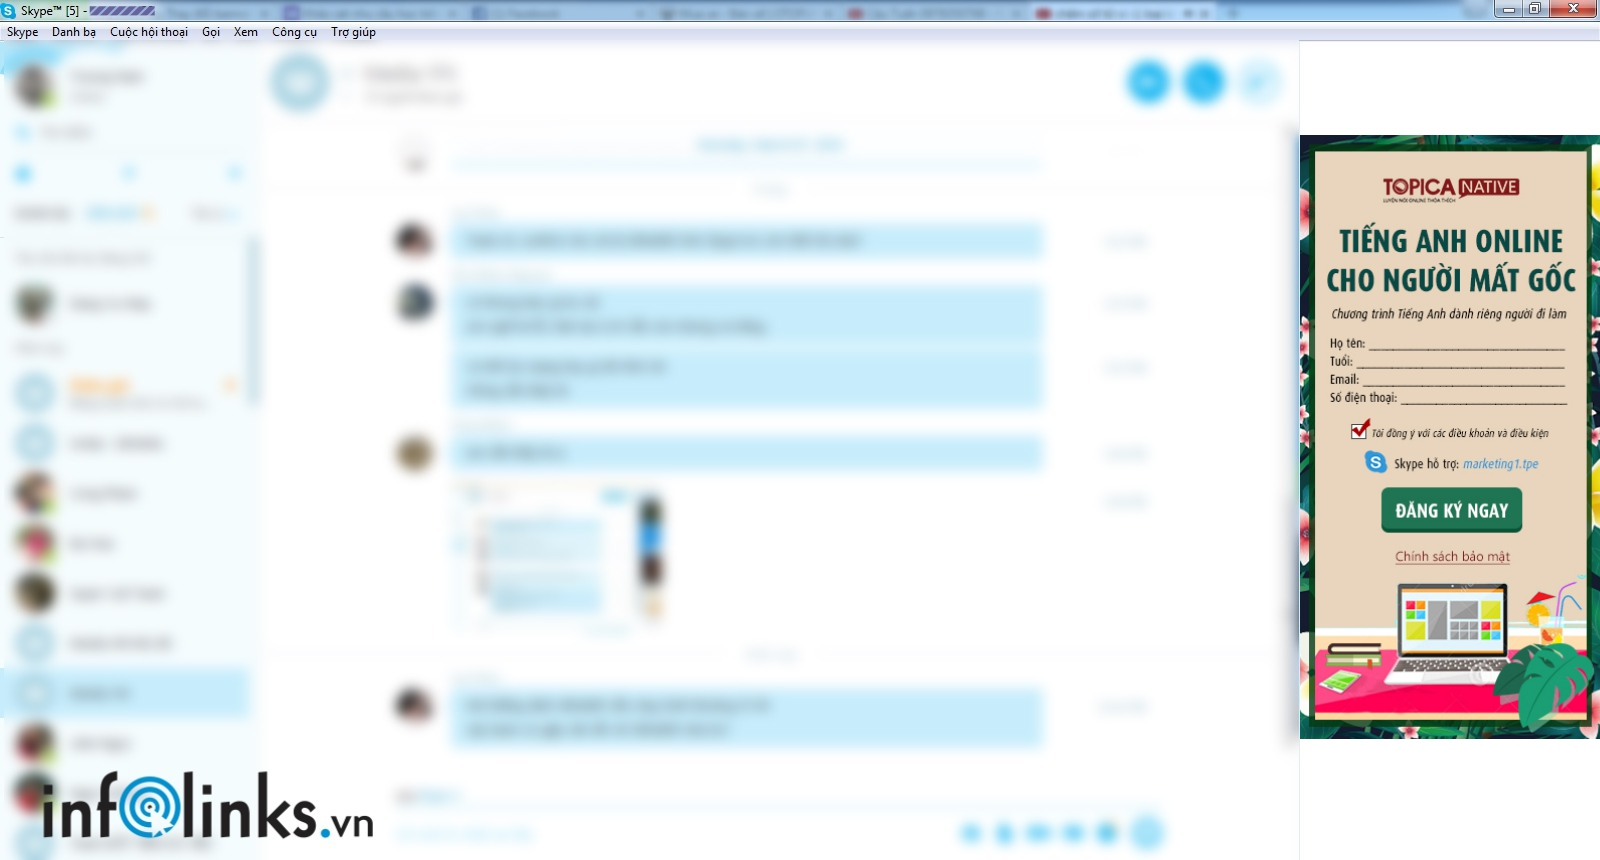 Quảng cáo Skype của Topica do Infolinks thực hiện